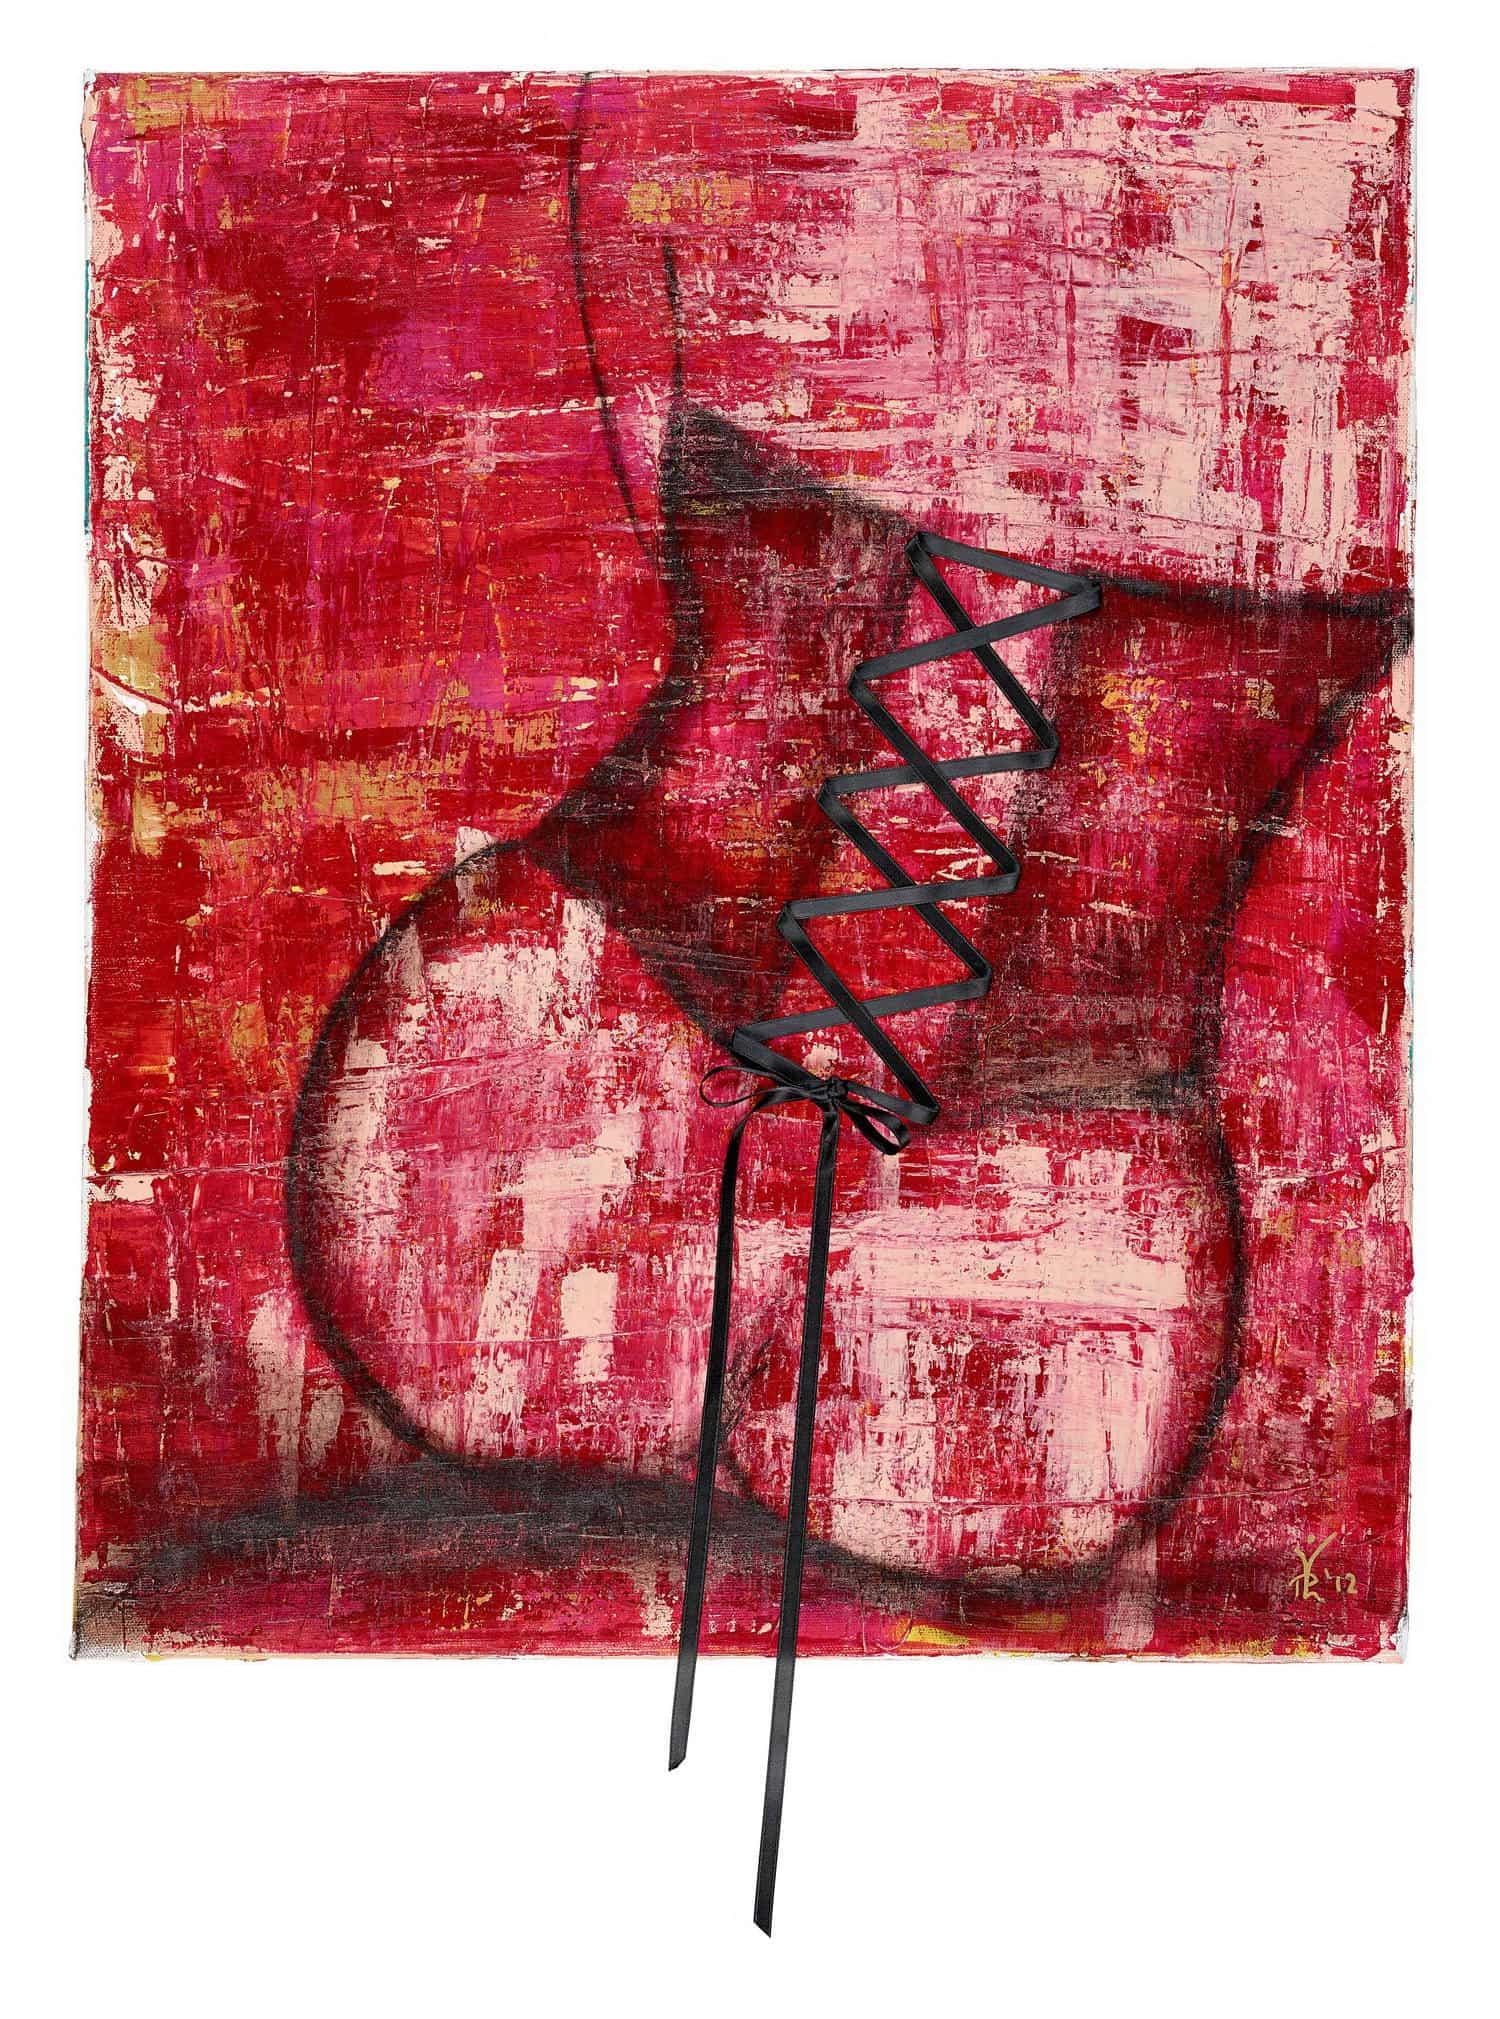 Dreaming - Acrylic / Canvas 50 x 60 cm, 19.7 x 23.6 inch